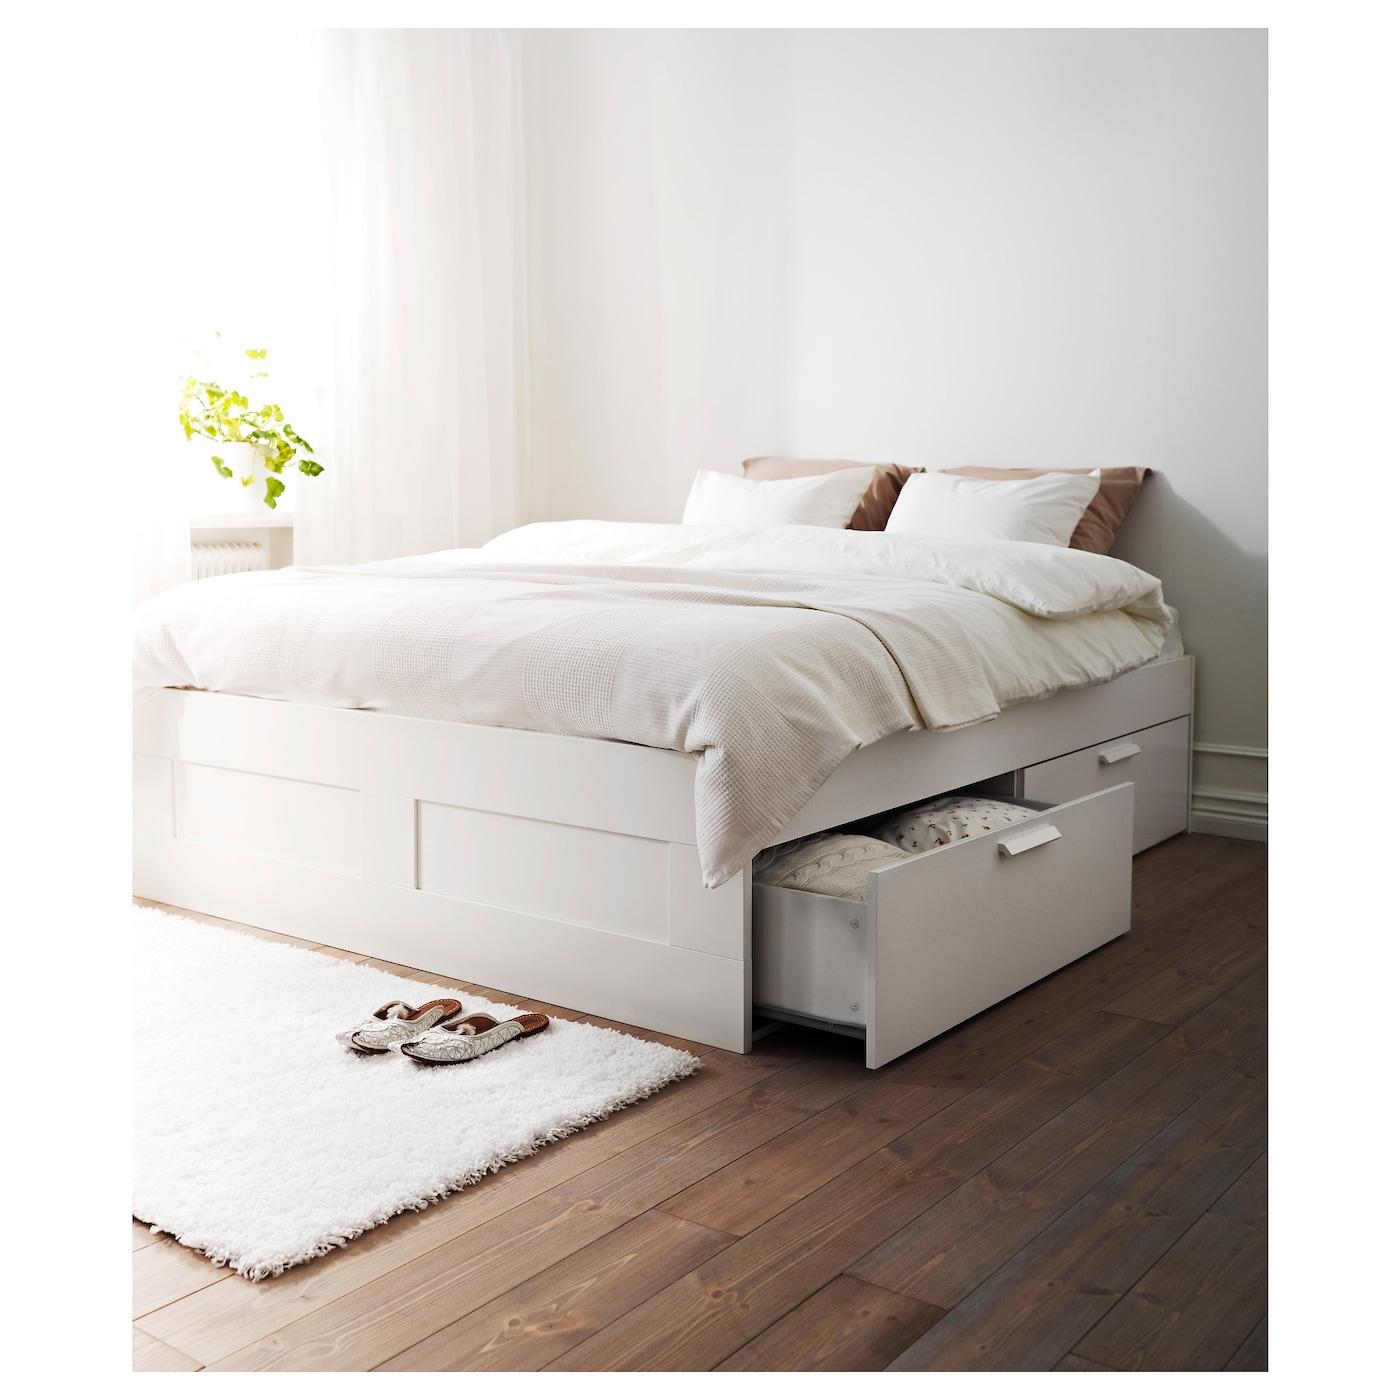 New BRIMNES Bedframe met opberglades Wit 140 x 200 cm - IKEA @JY26